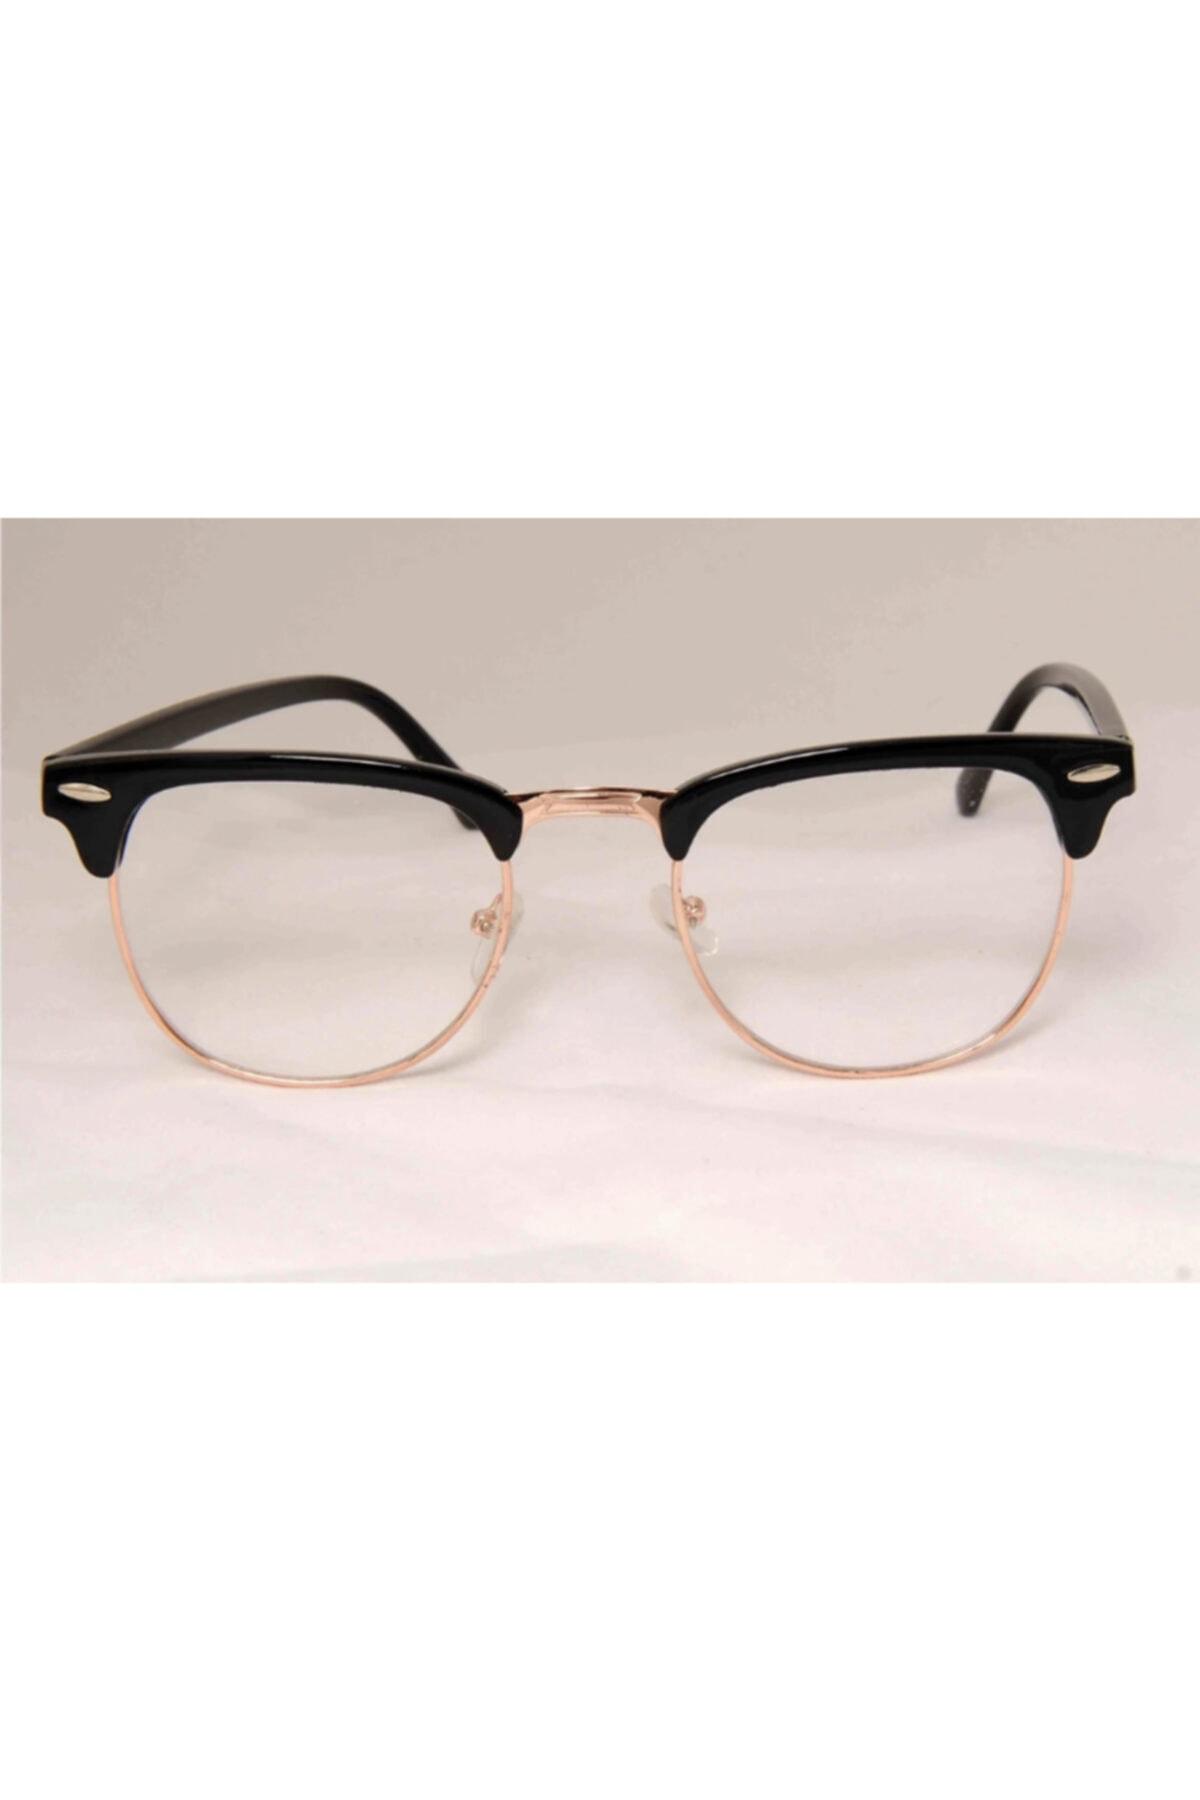 UBK Eyewear Clubmaster Numarasız Mavi Işık Korumalı Gözlük 2